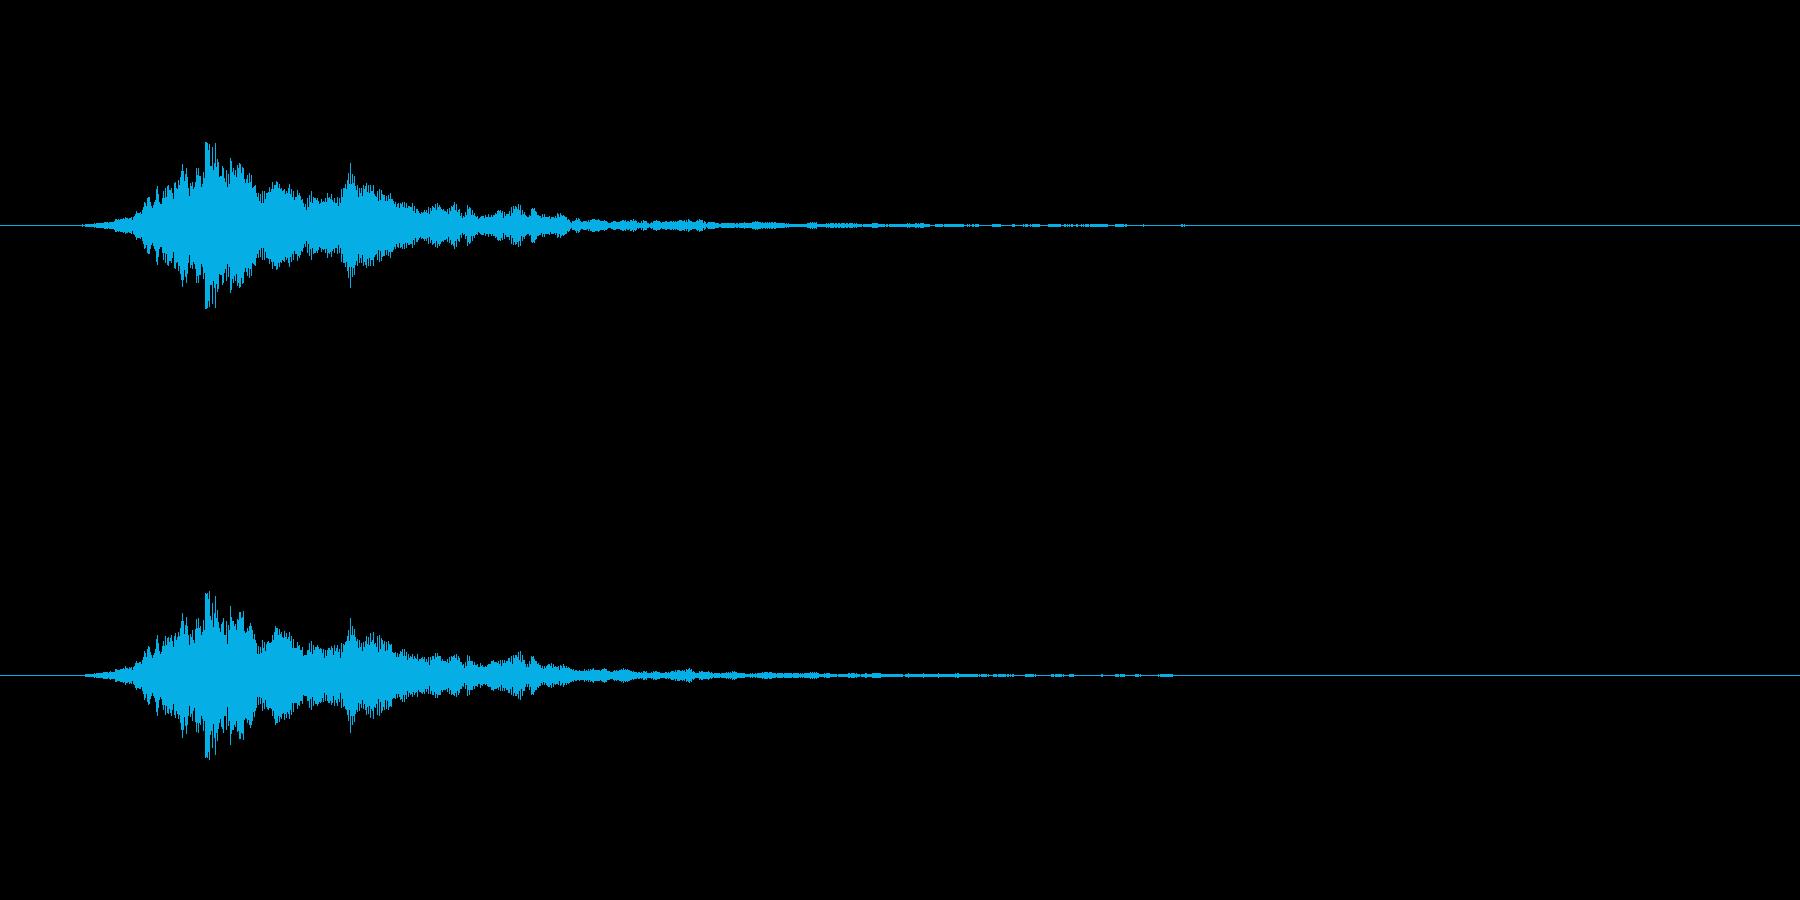 【アクセント12-3】の再生済みの波形